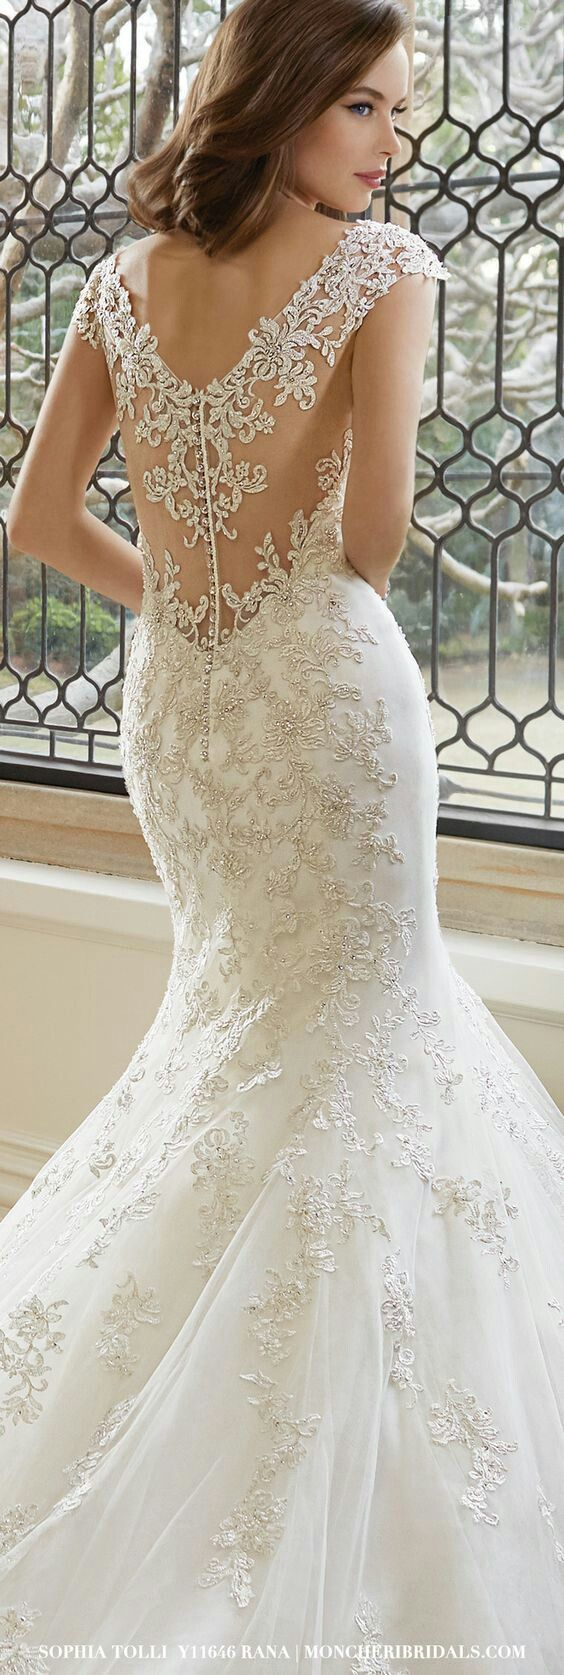 374 besten Inspiración para bodas Bilder auf Pinterest ...